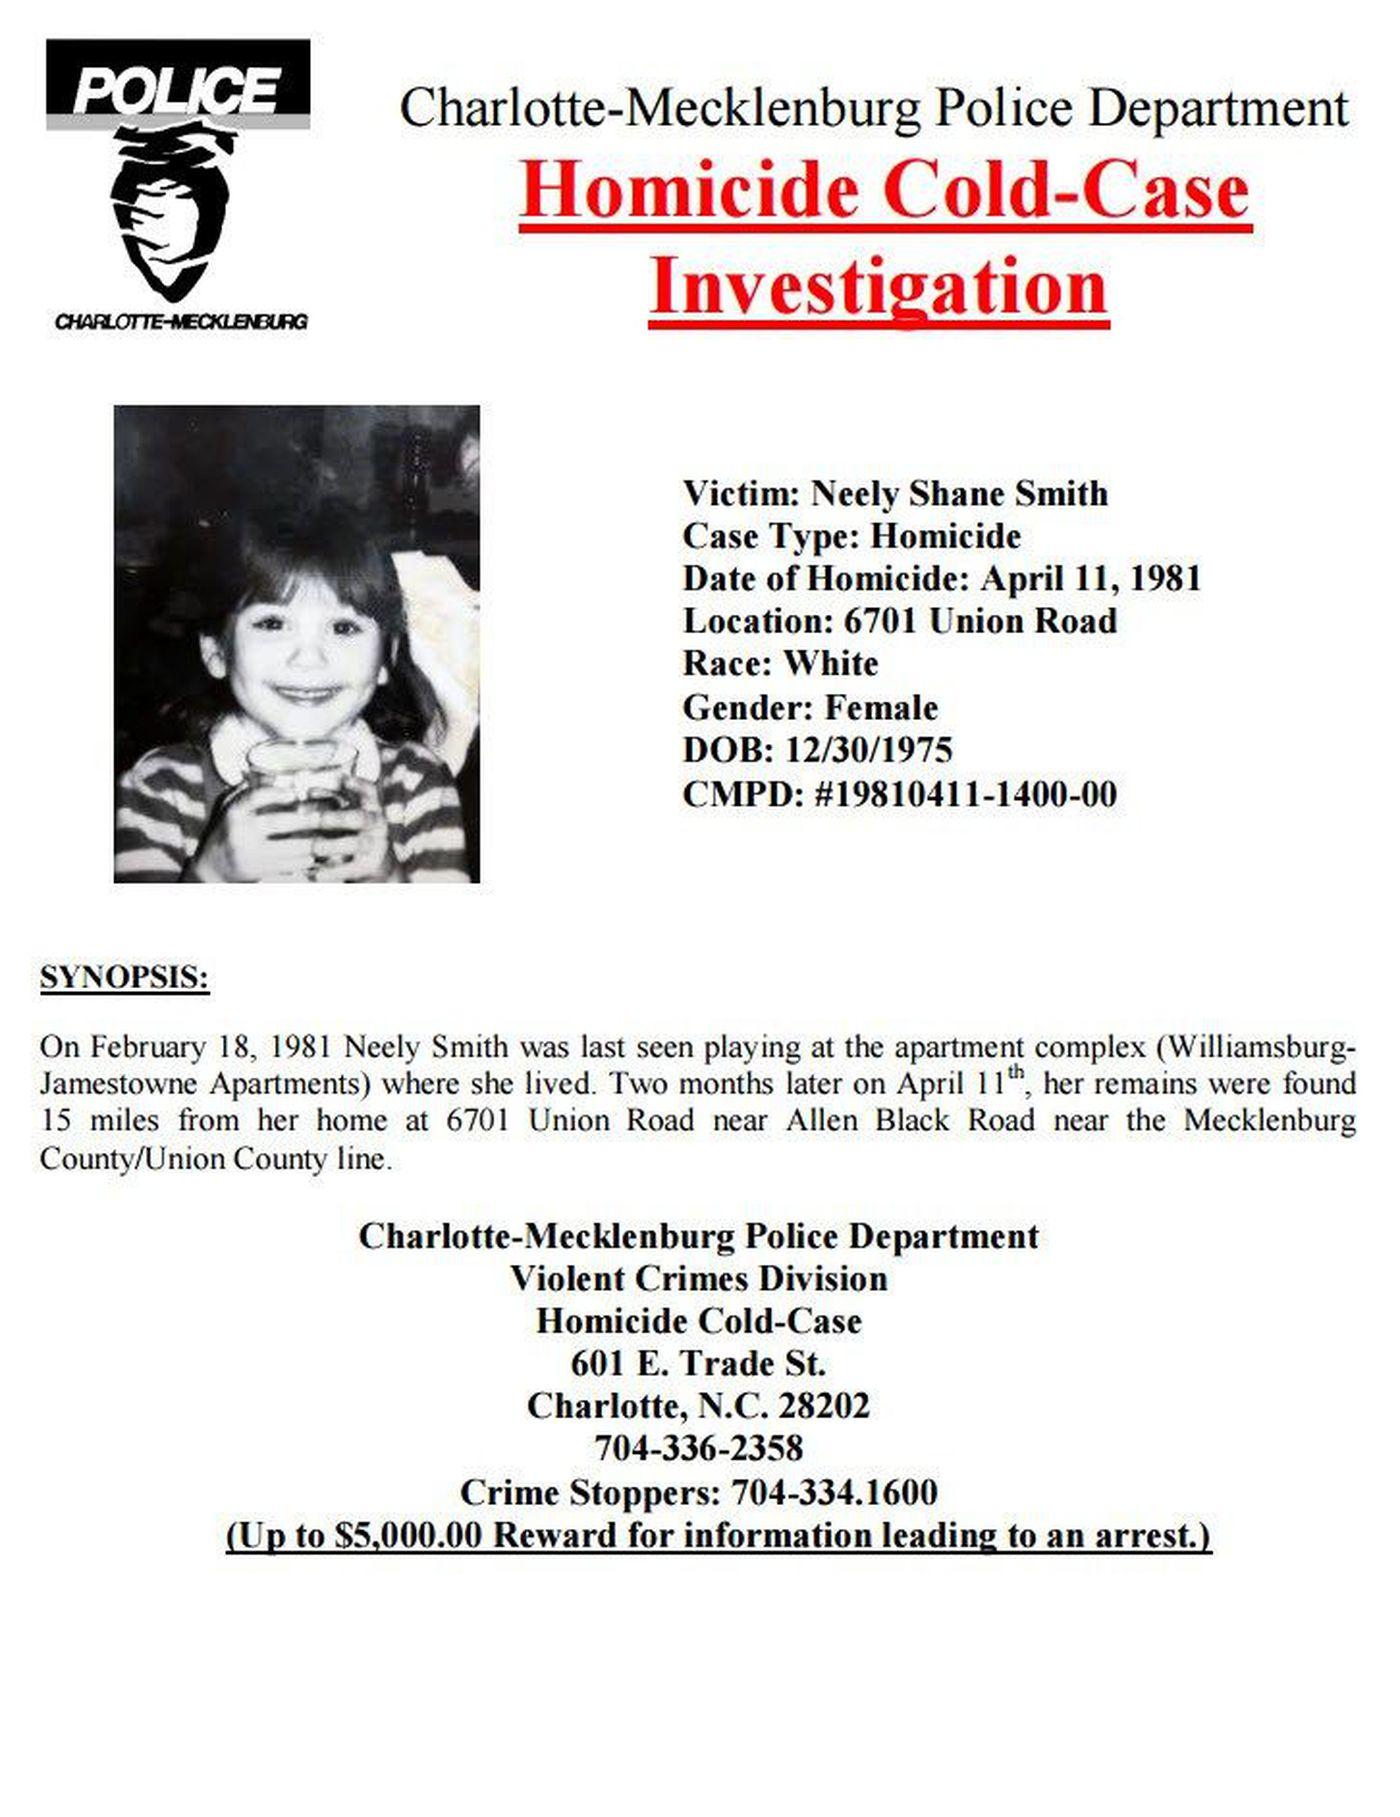 Child killer's DNA could help solve 1981 cold case